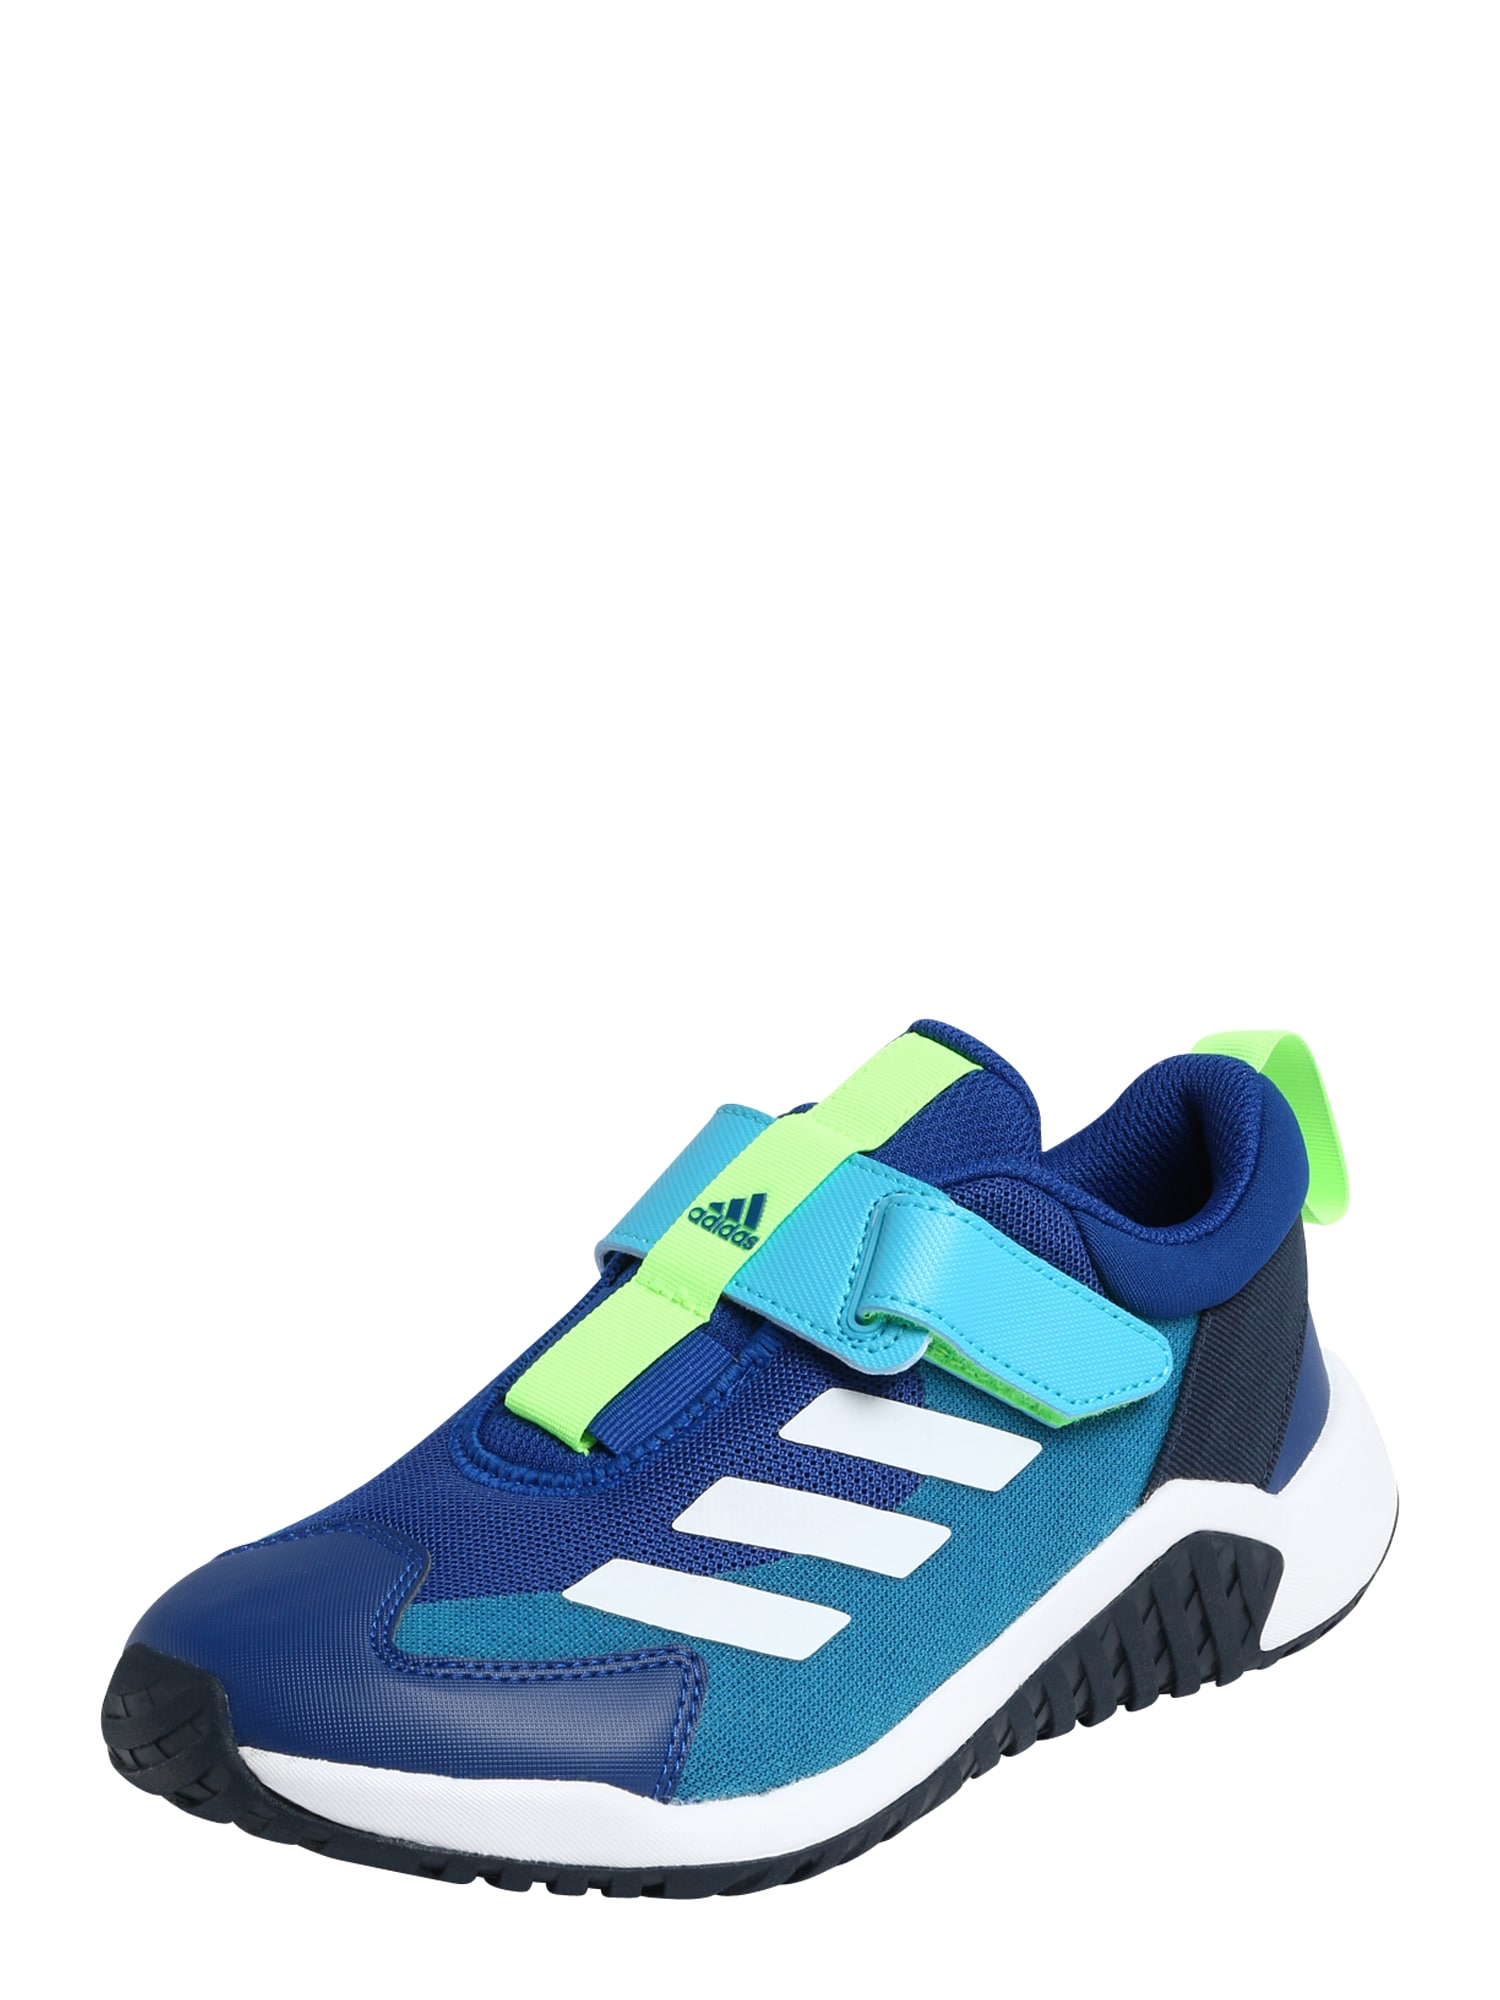 ADIDAS PERFORMANCE Sportiniai batai mėlyna / balta / neoninė žalia / turkio spalva